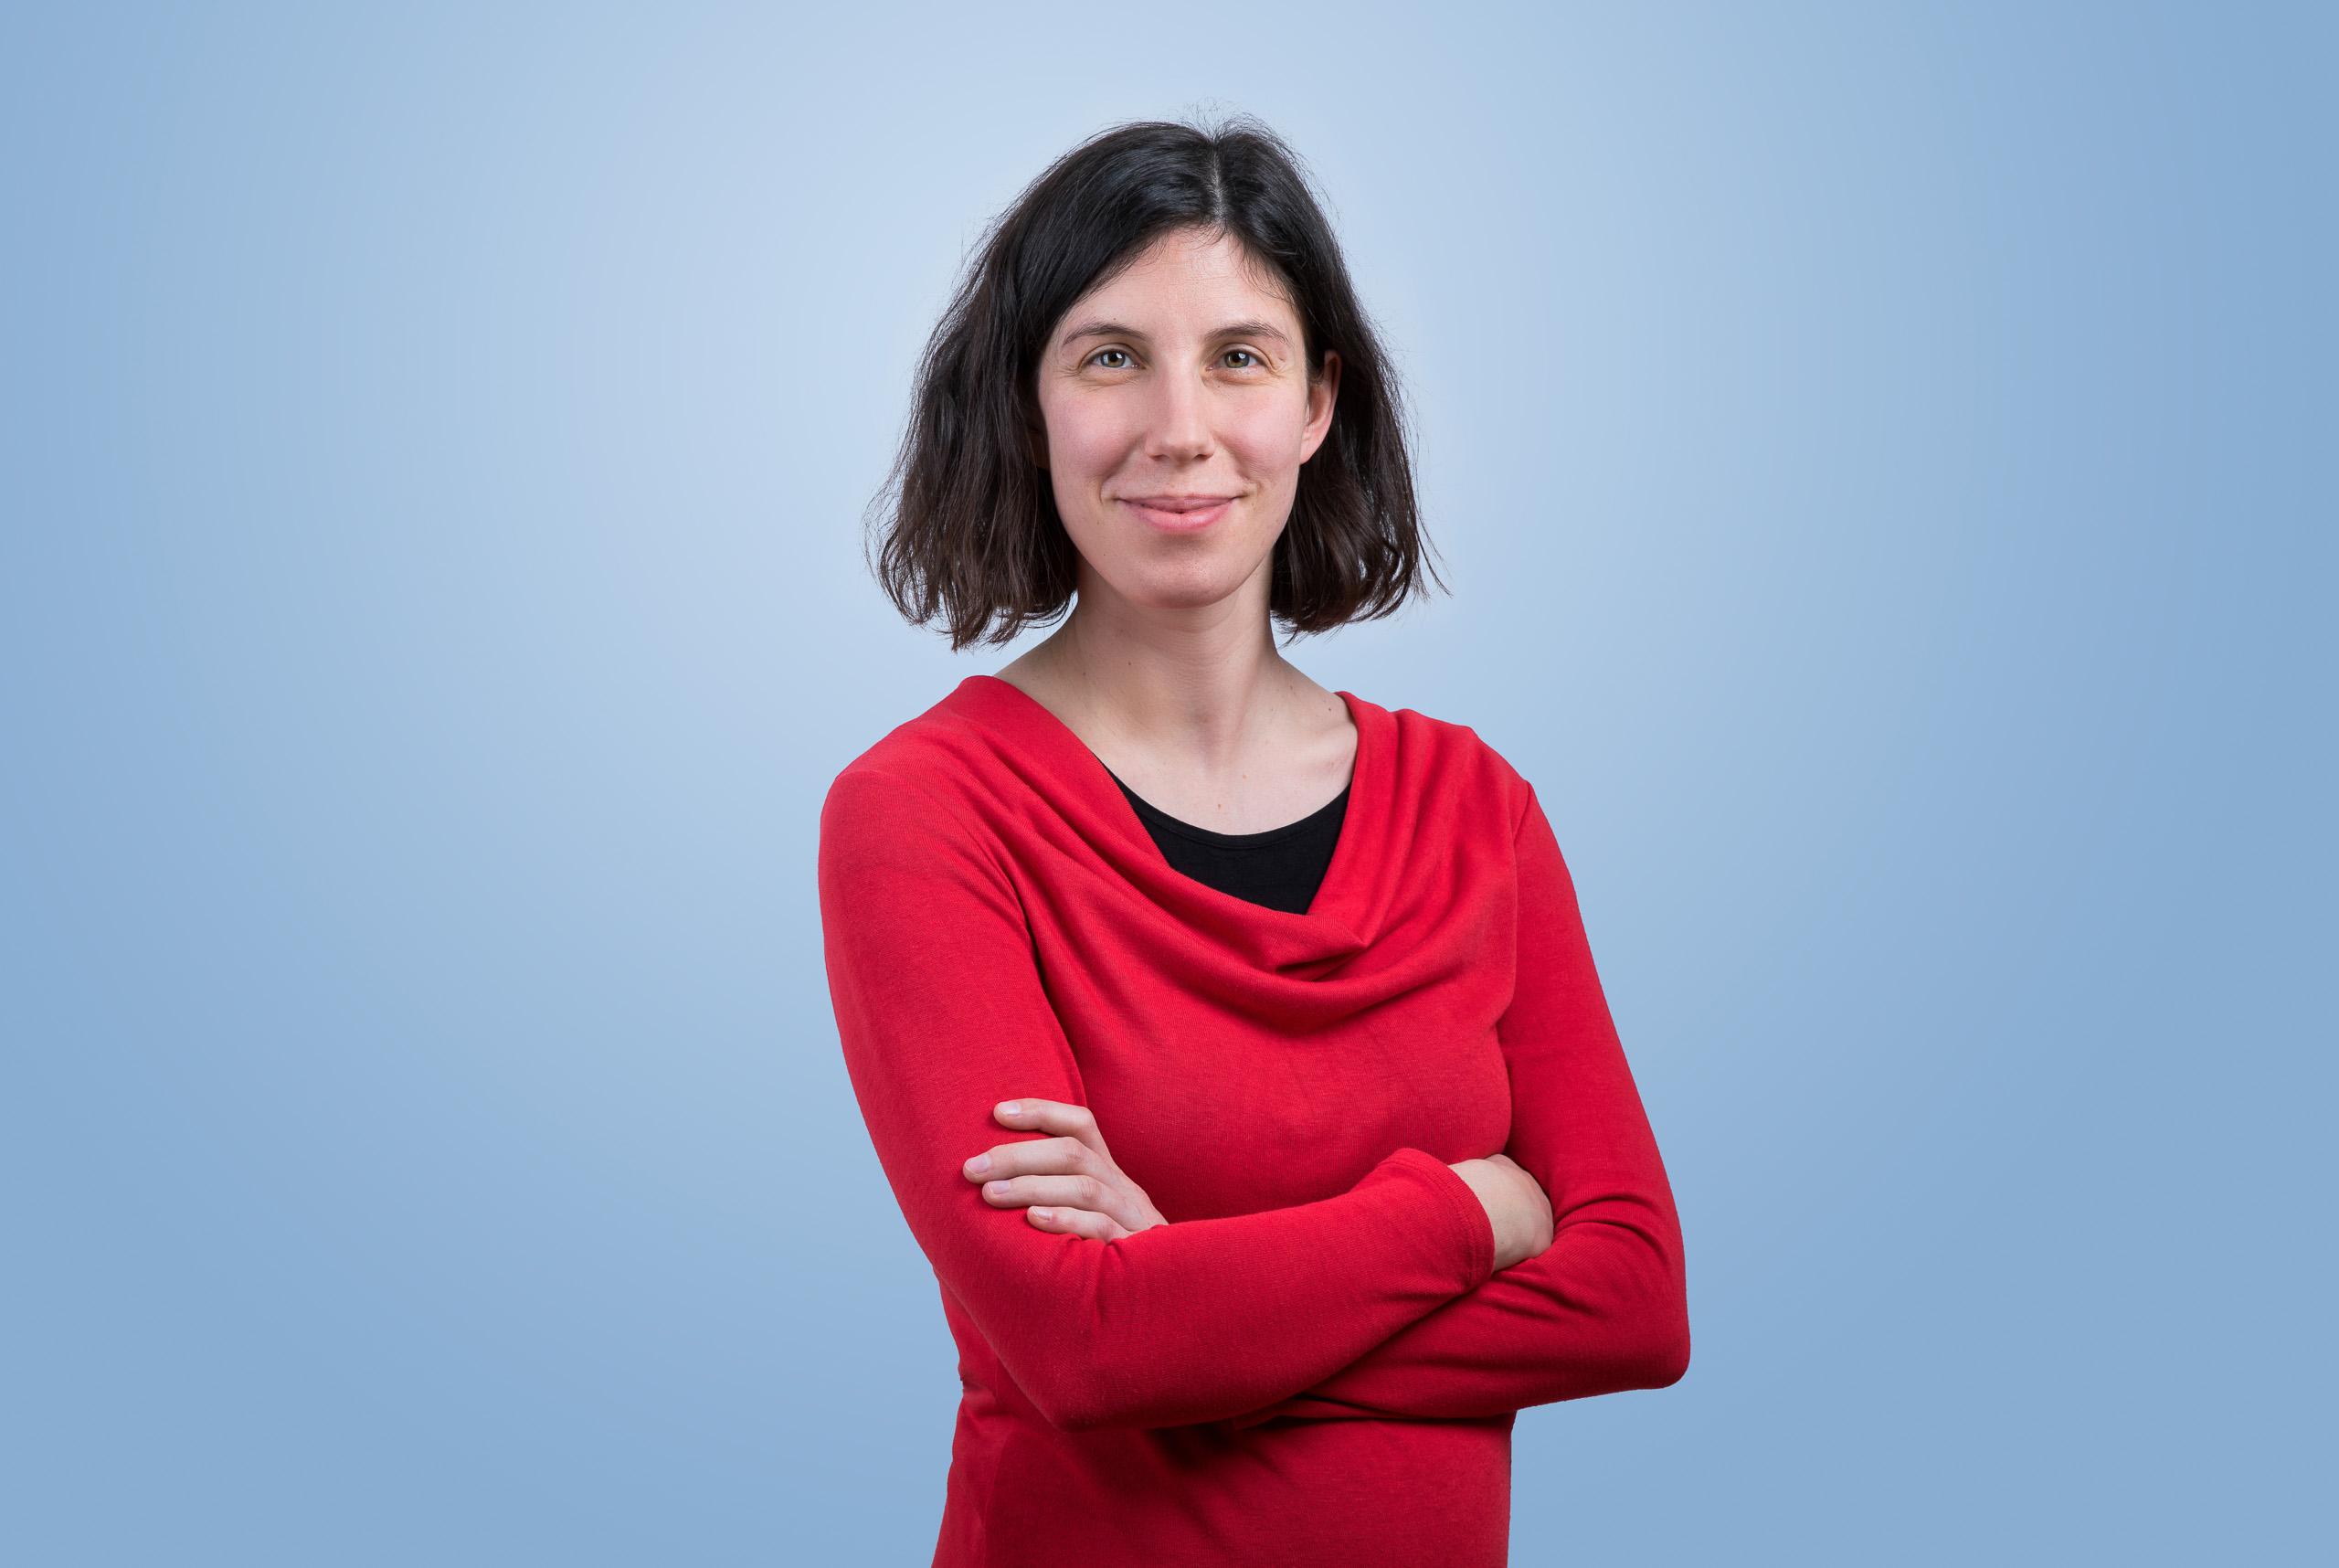 Géraldine Coppin, Forscherin und Professorin